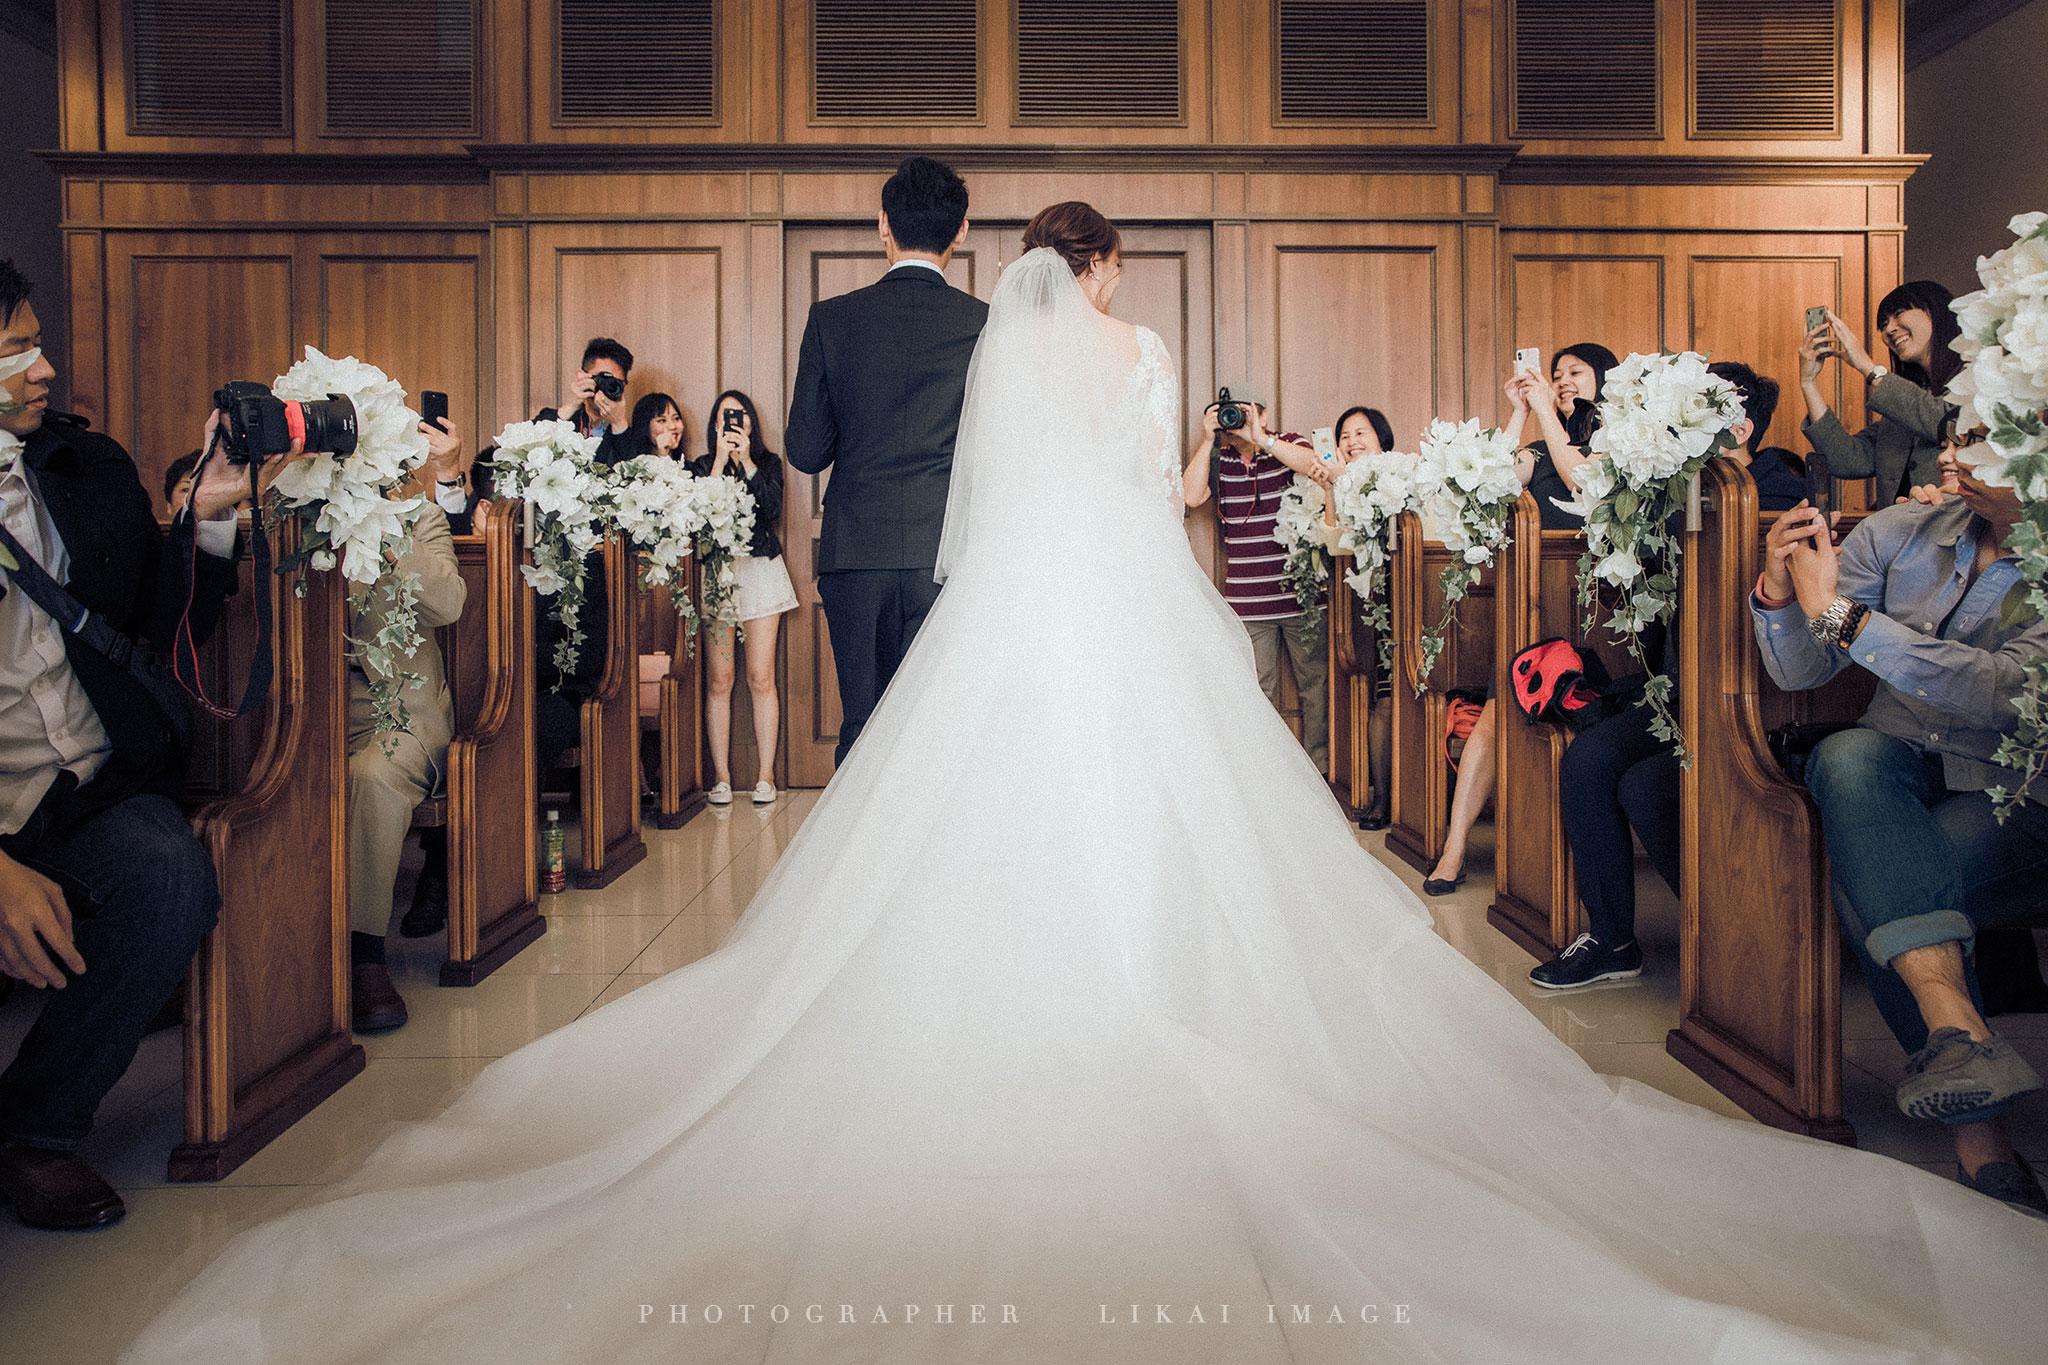 婚禮紀錄 - Sylvia & Eric - 翡麗詩莊園